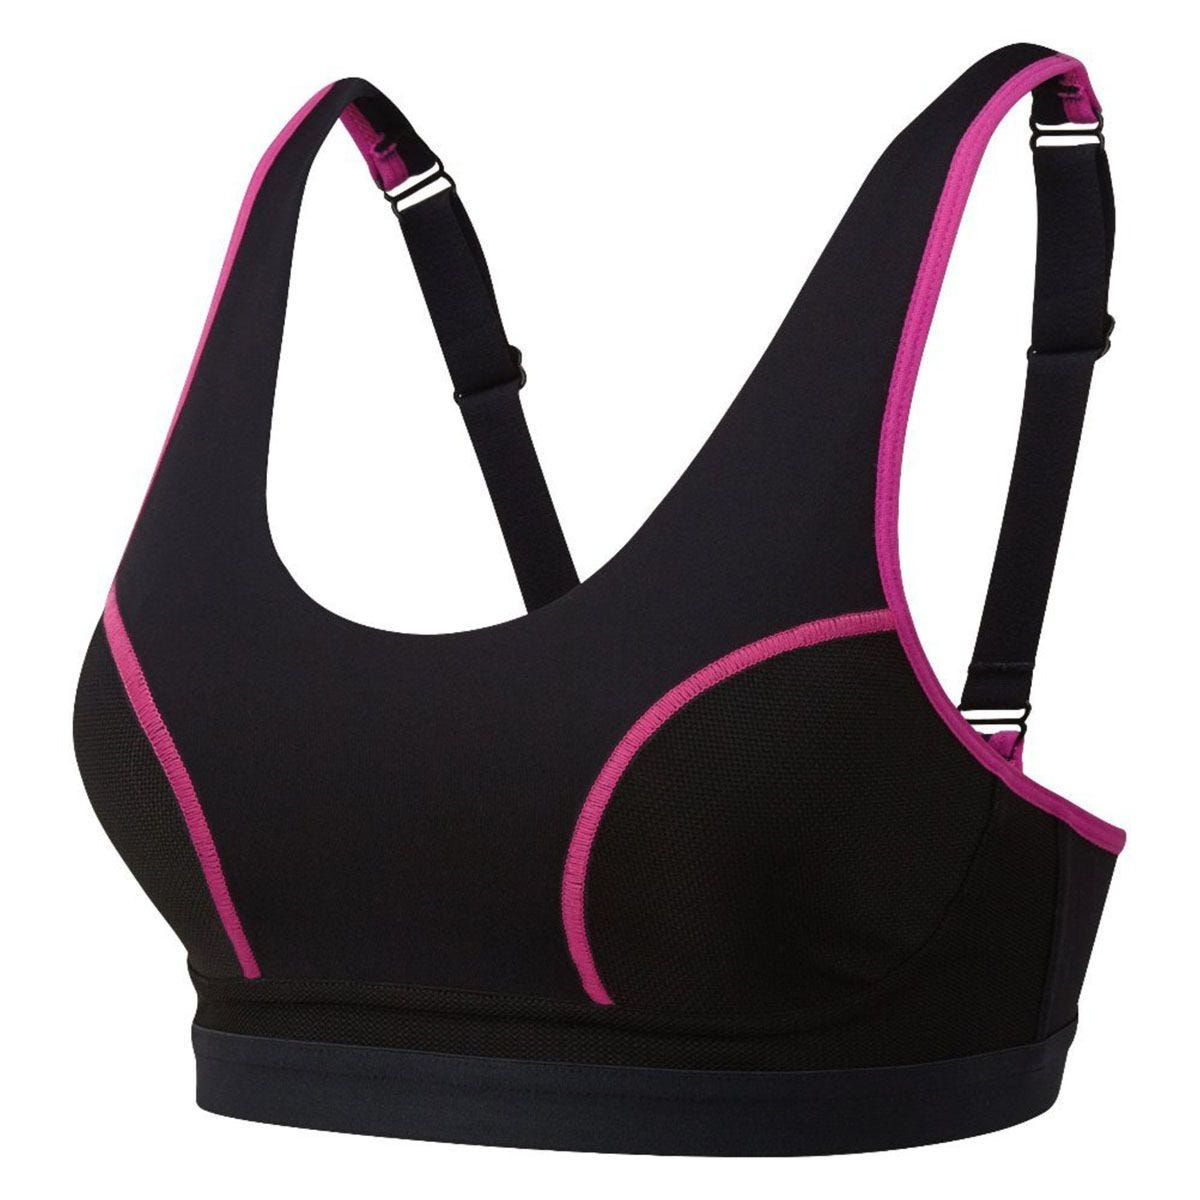 Runderwear Original Support Running Bra 30DD  - Pink